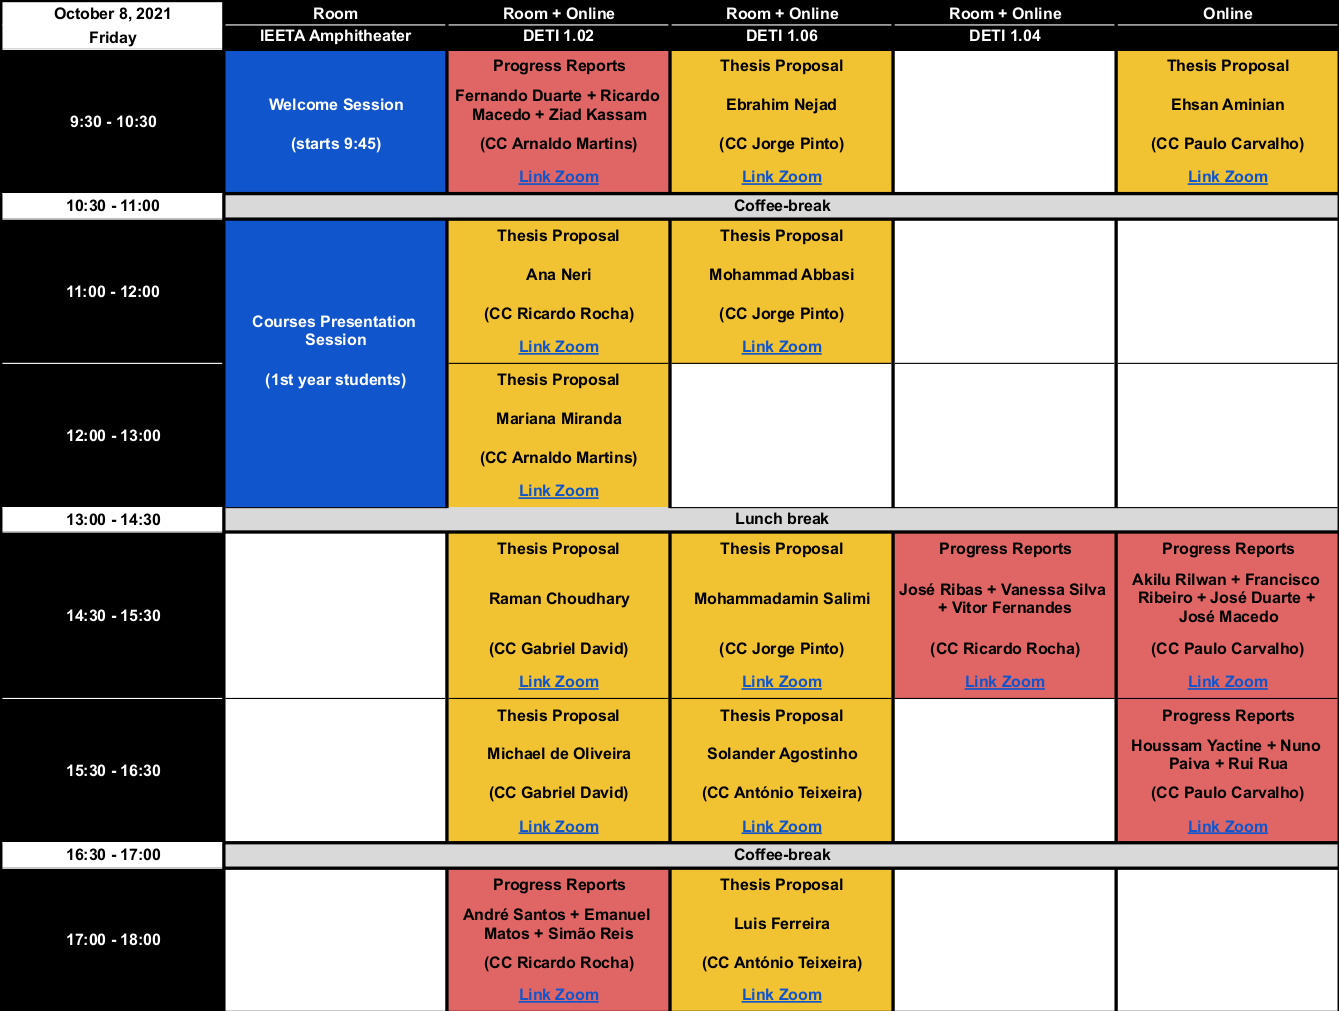 Symposium 2021 Program